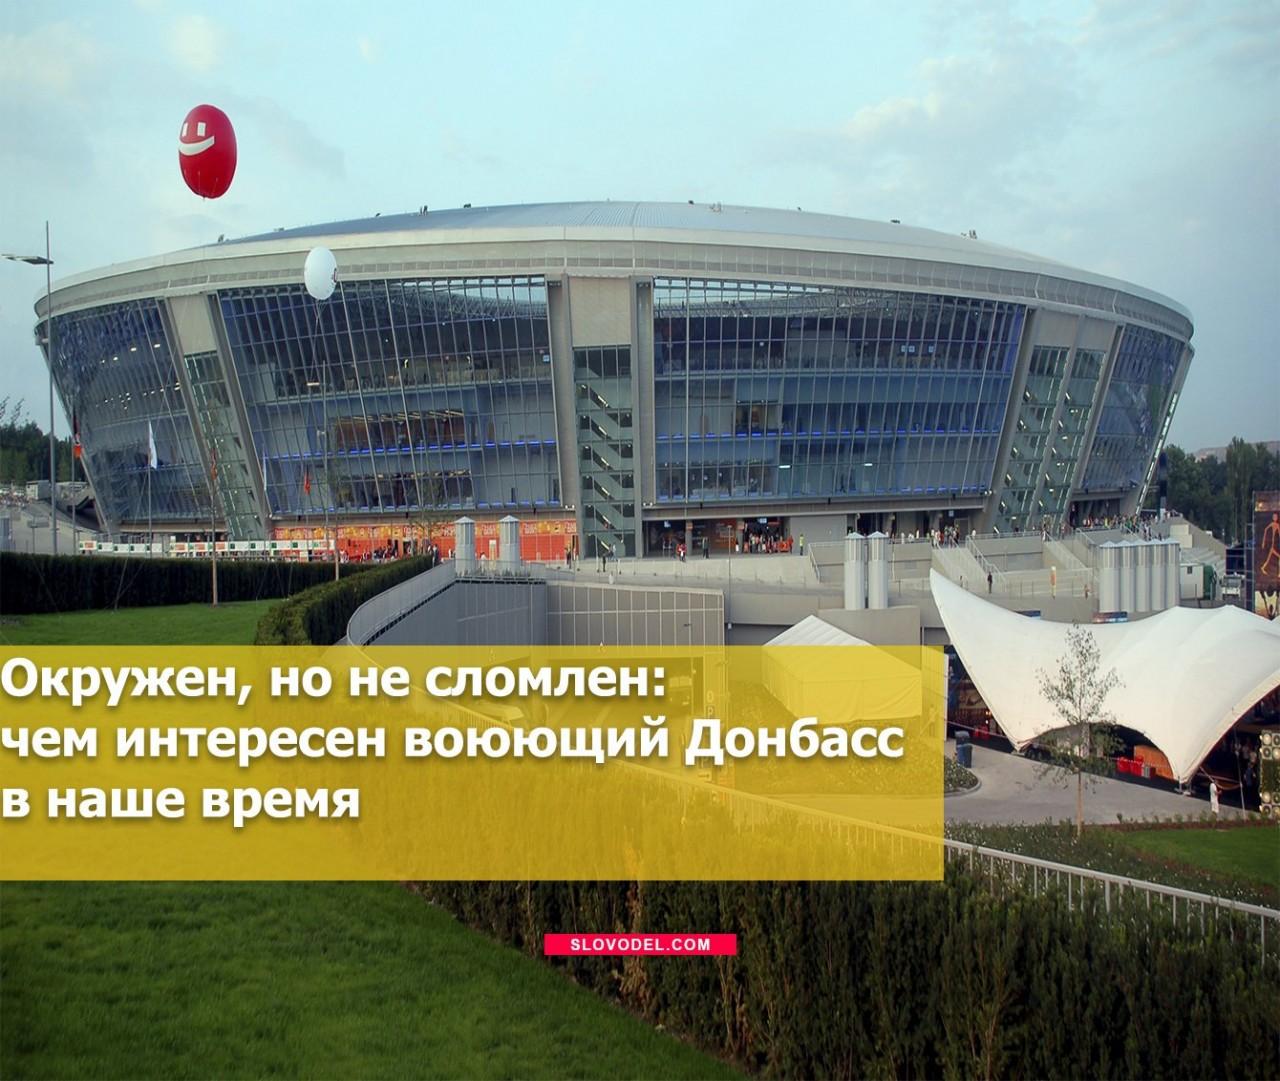 Окружен, но не сломлен: чем интересен воюющий Донбасс в наше время